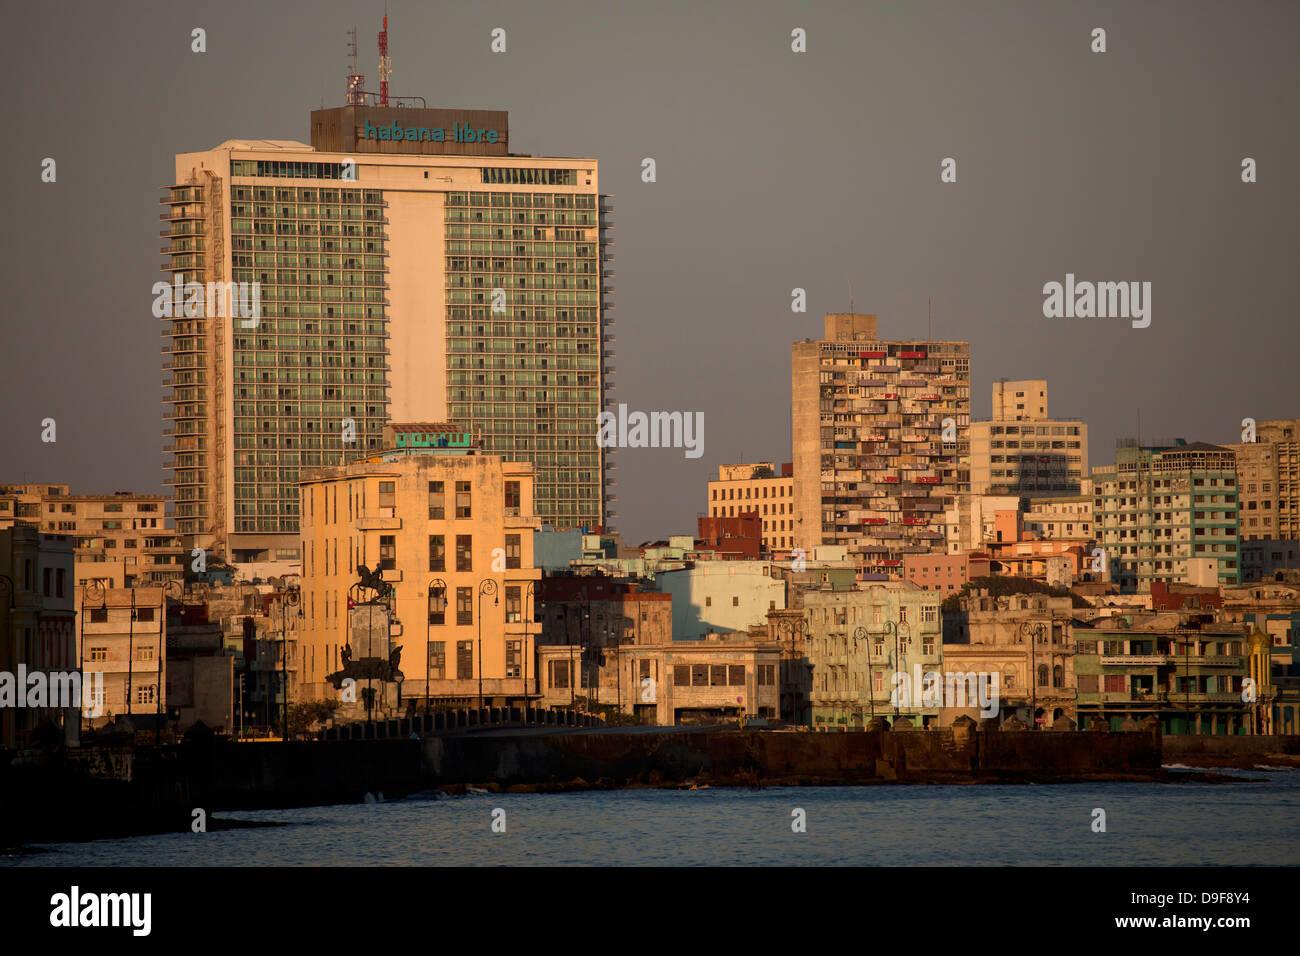 Cityscape with Hotel Habana Libre, Havana, Cuba, Caribbean - Stock Image